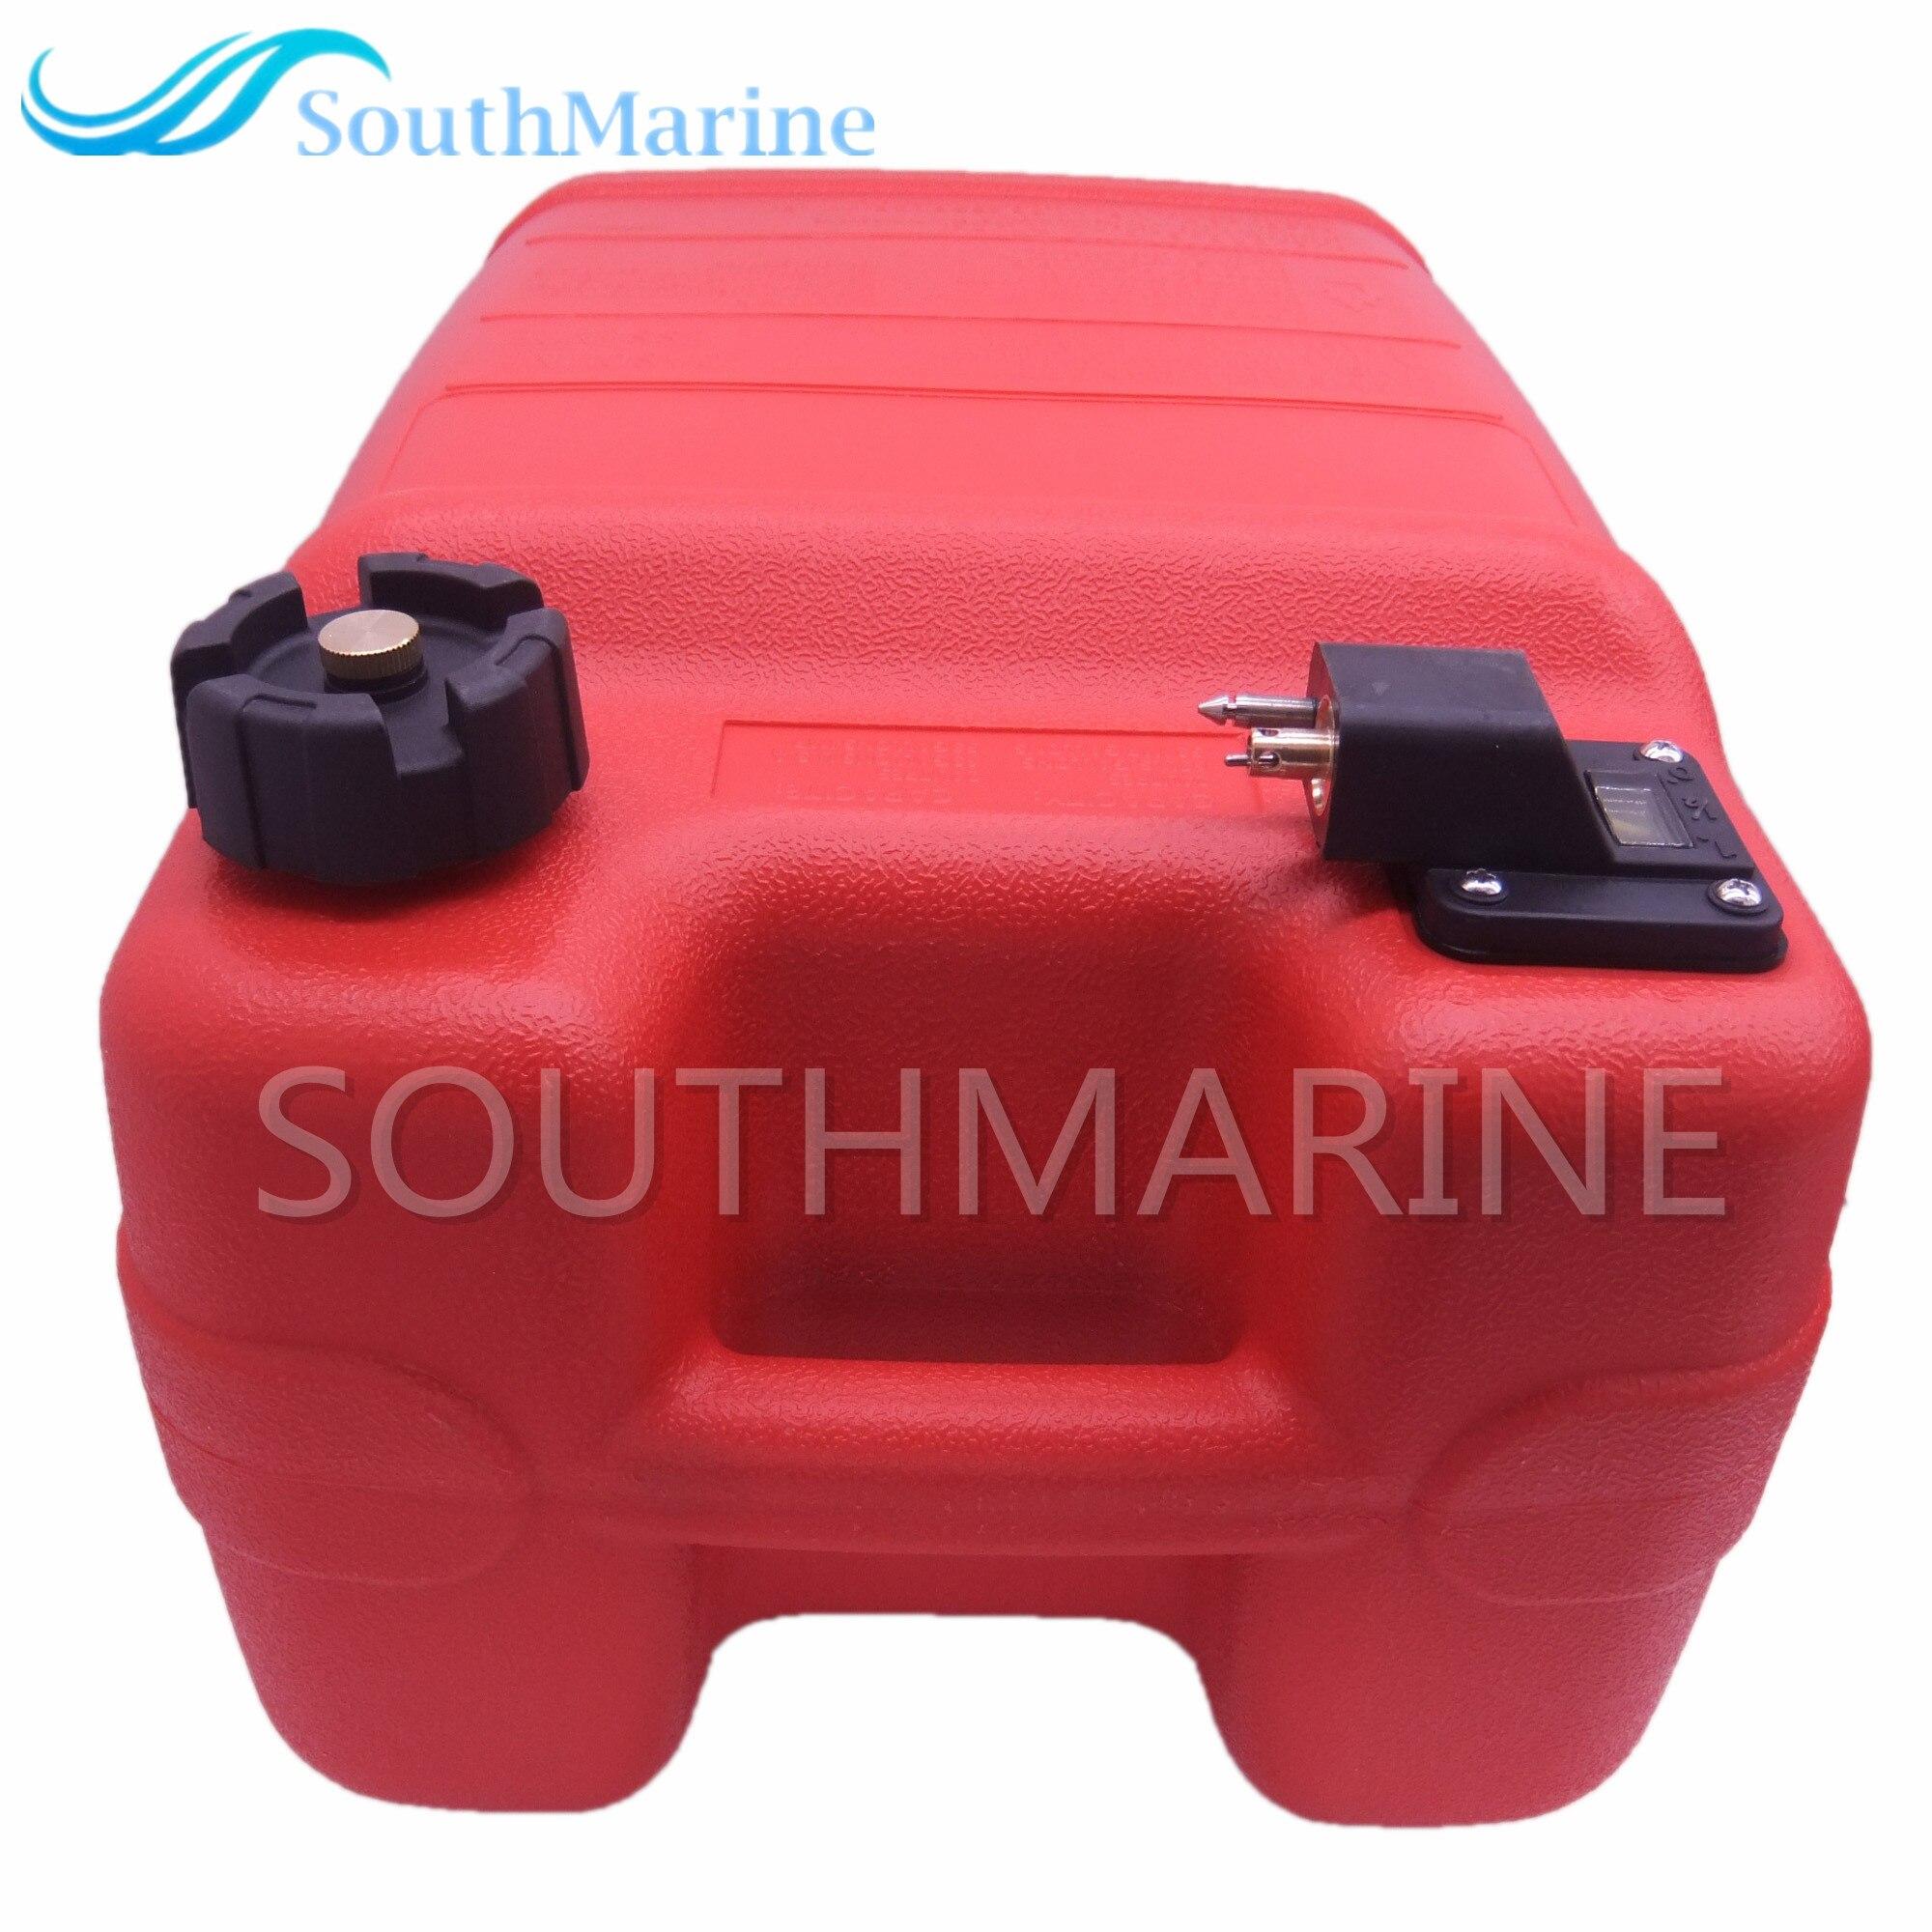 24l montagem do tanque de combustível externo para yamaha motor de popa com tampa combustível & conector combustível & calibre combustível barco a parte